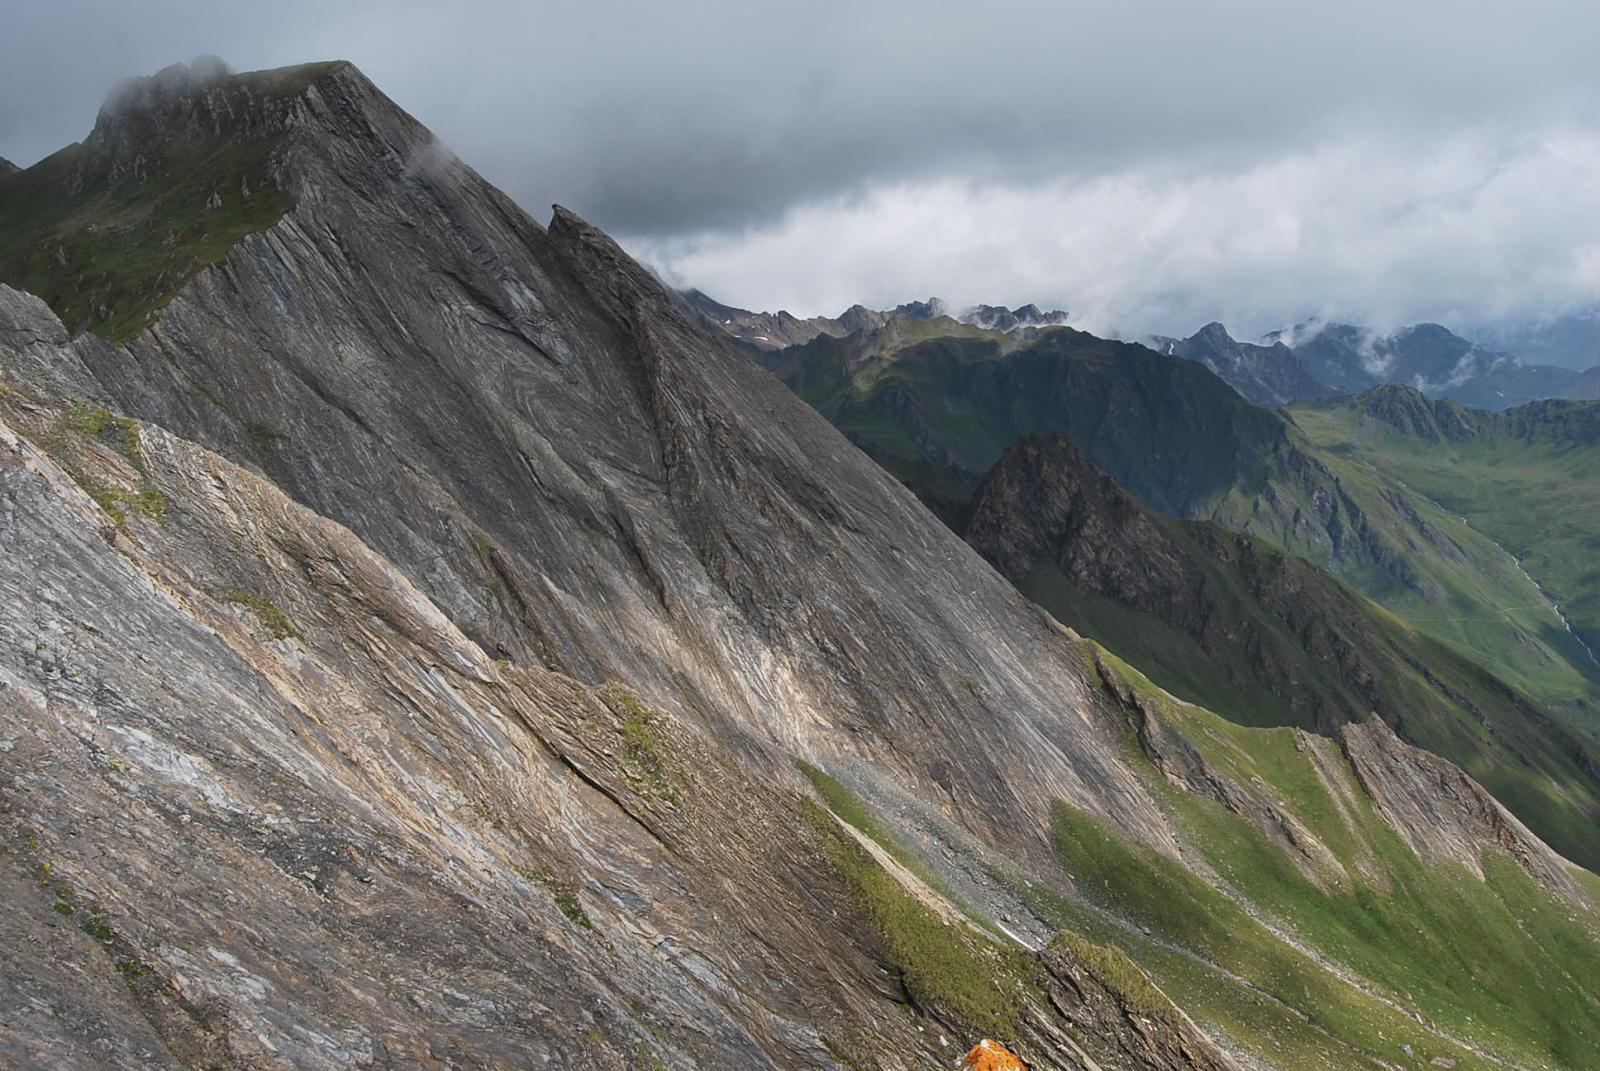 Scurito dalle nubi, il Creton du Midi